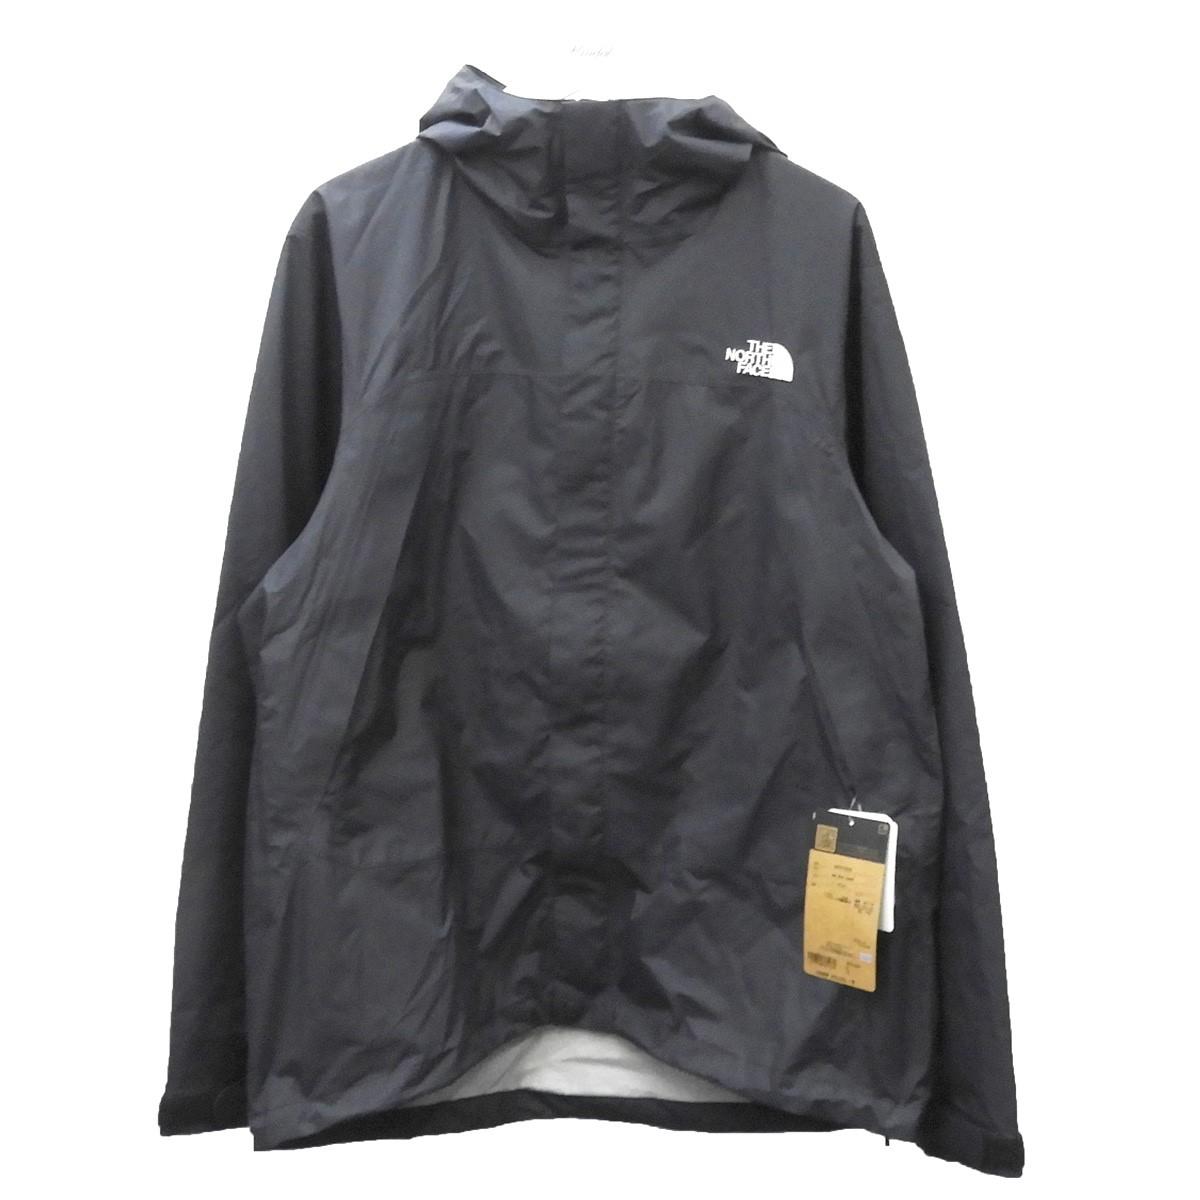 【中古】THE NORTH FACE 「Dot Shot Jacket」ドットショットジャケット ブラック サイズ:XL 【070820】(ザノースフェイス)